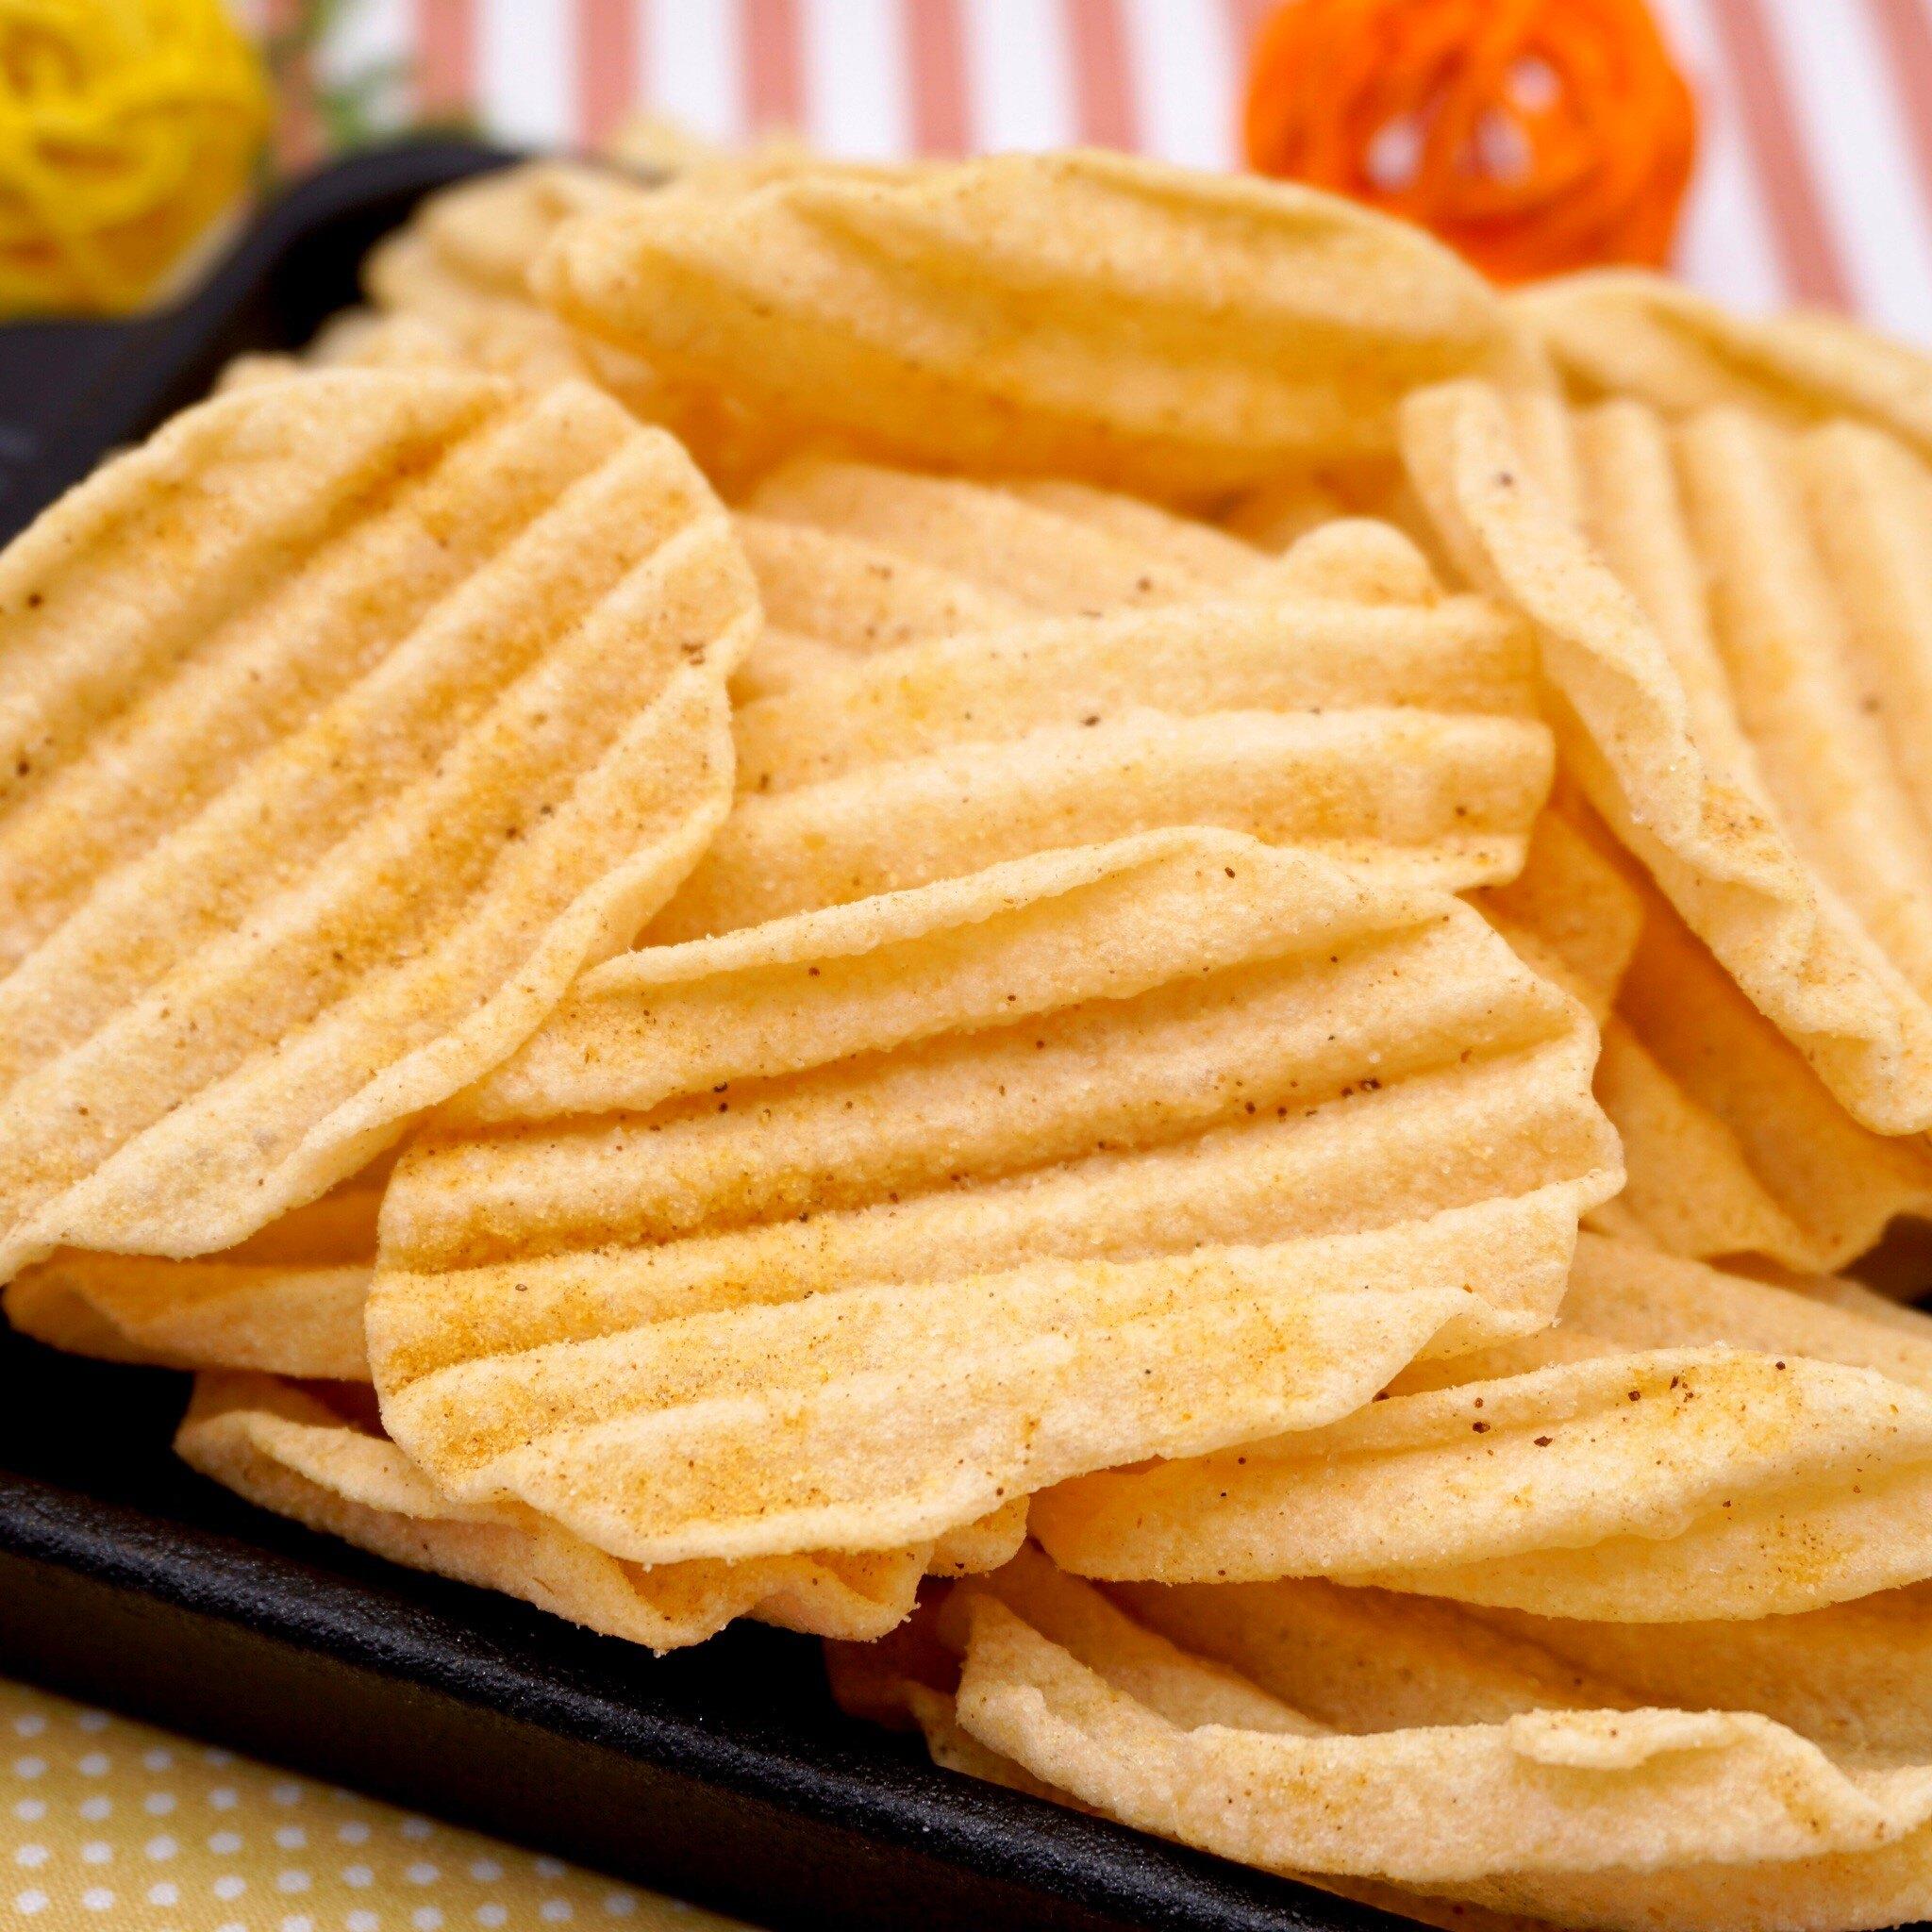 嘴甜甜 沙茶洋芋片 85公克 洋芋系列 烤雞洋芋片 海苔洋芋片 洋芋片 沙茶 烤雞 海苔 零食 餅乾 九福 現貨